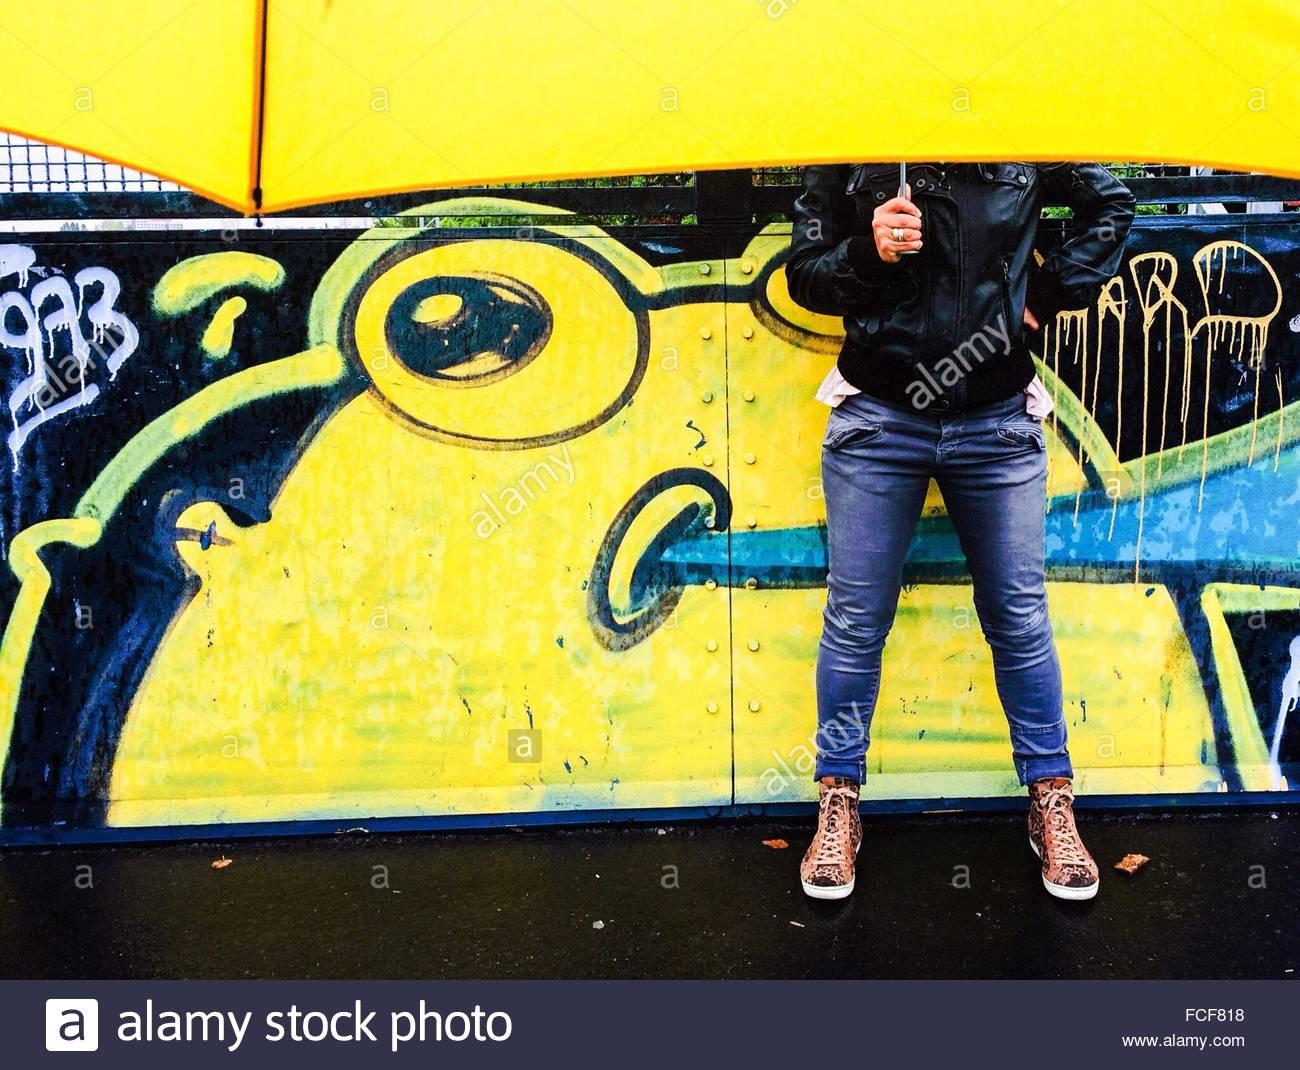 Graffiti Berlin Wall Stock Photos & Graffiti Berlin Wall Stock ...